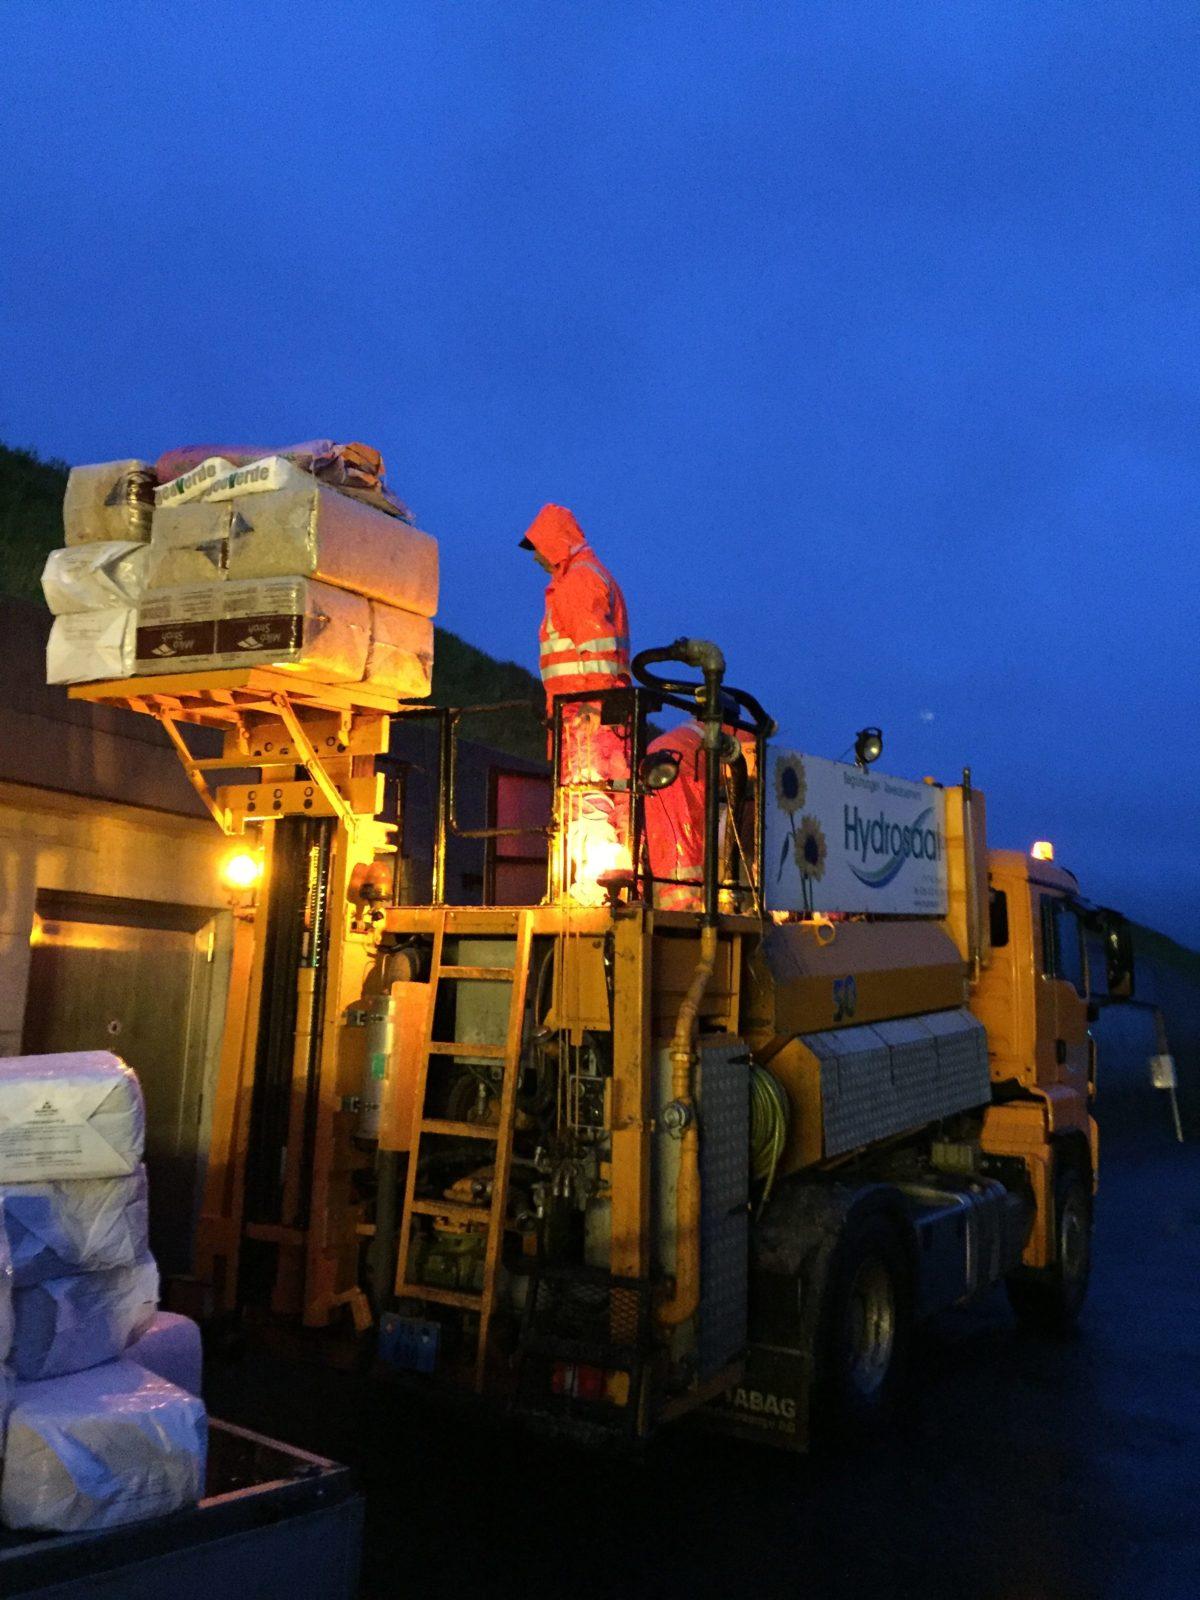 Préparation du semis qui est projeté depuis le camion.